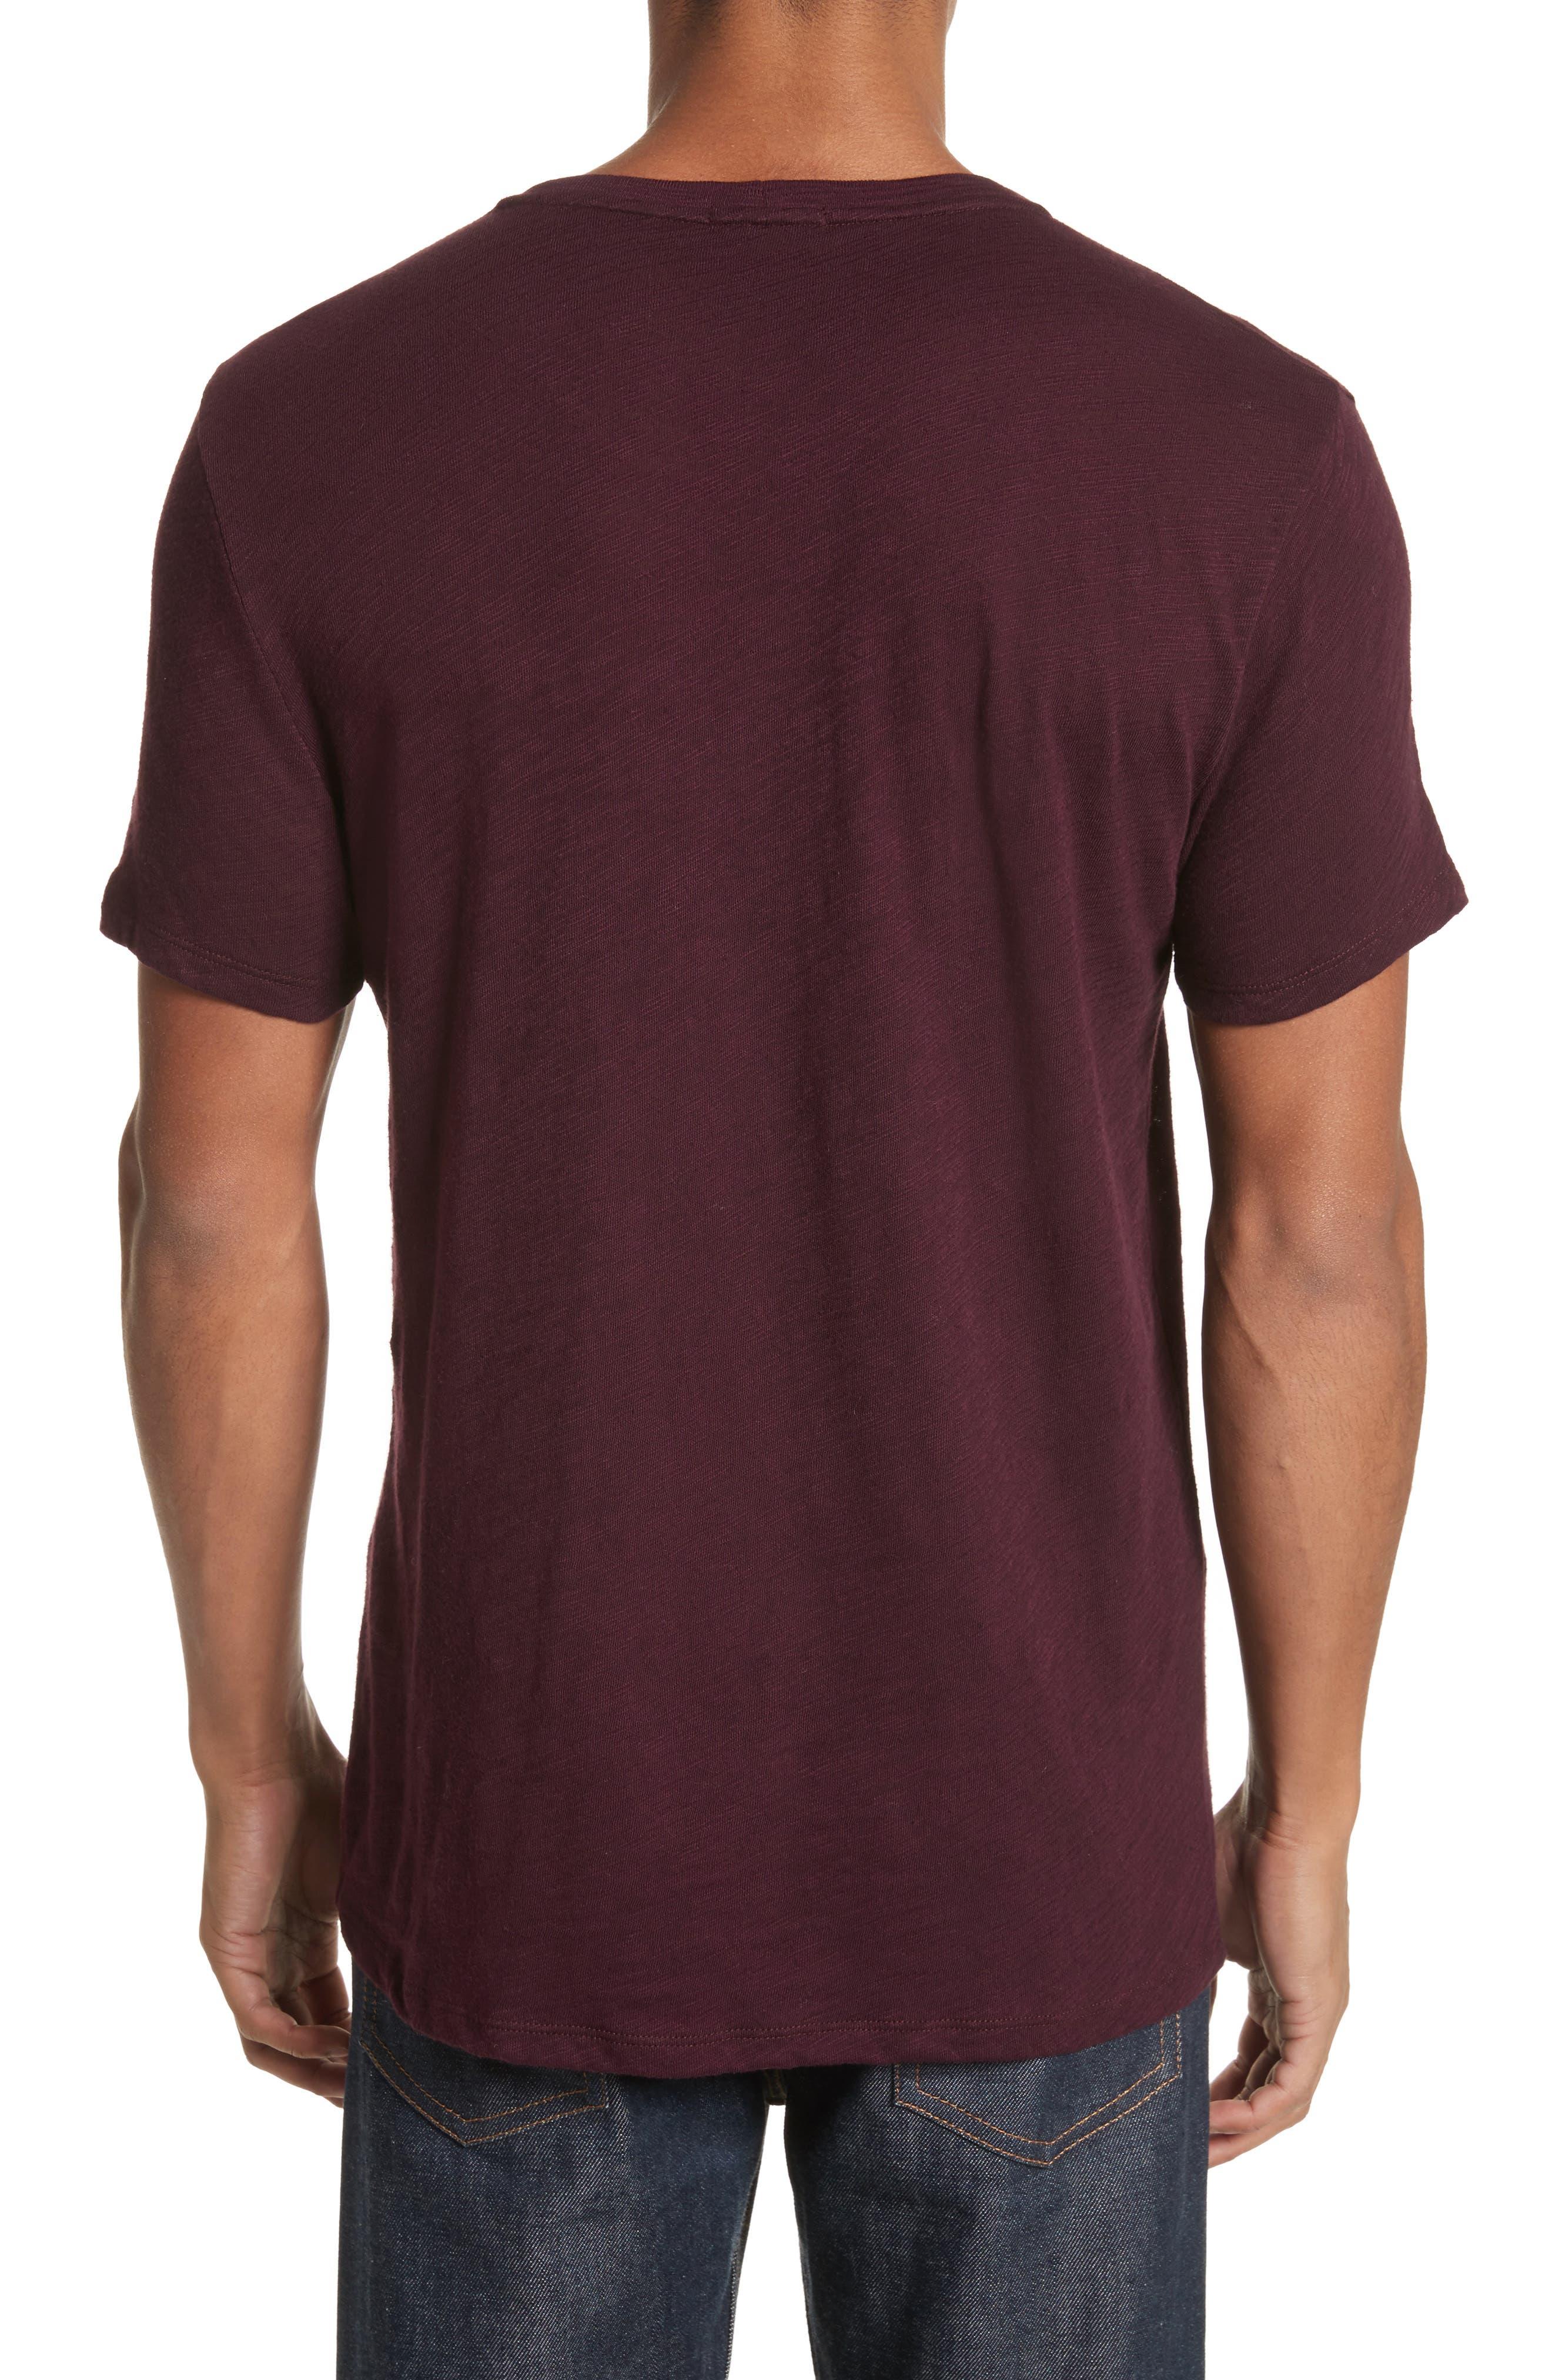 Alternate Image 2  - ATM Anthony Thomas Melillo Crewneck T-Shirt